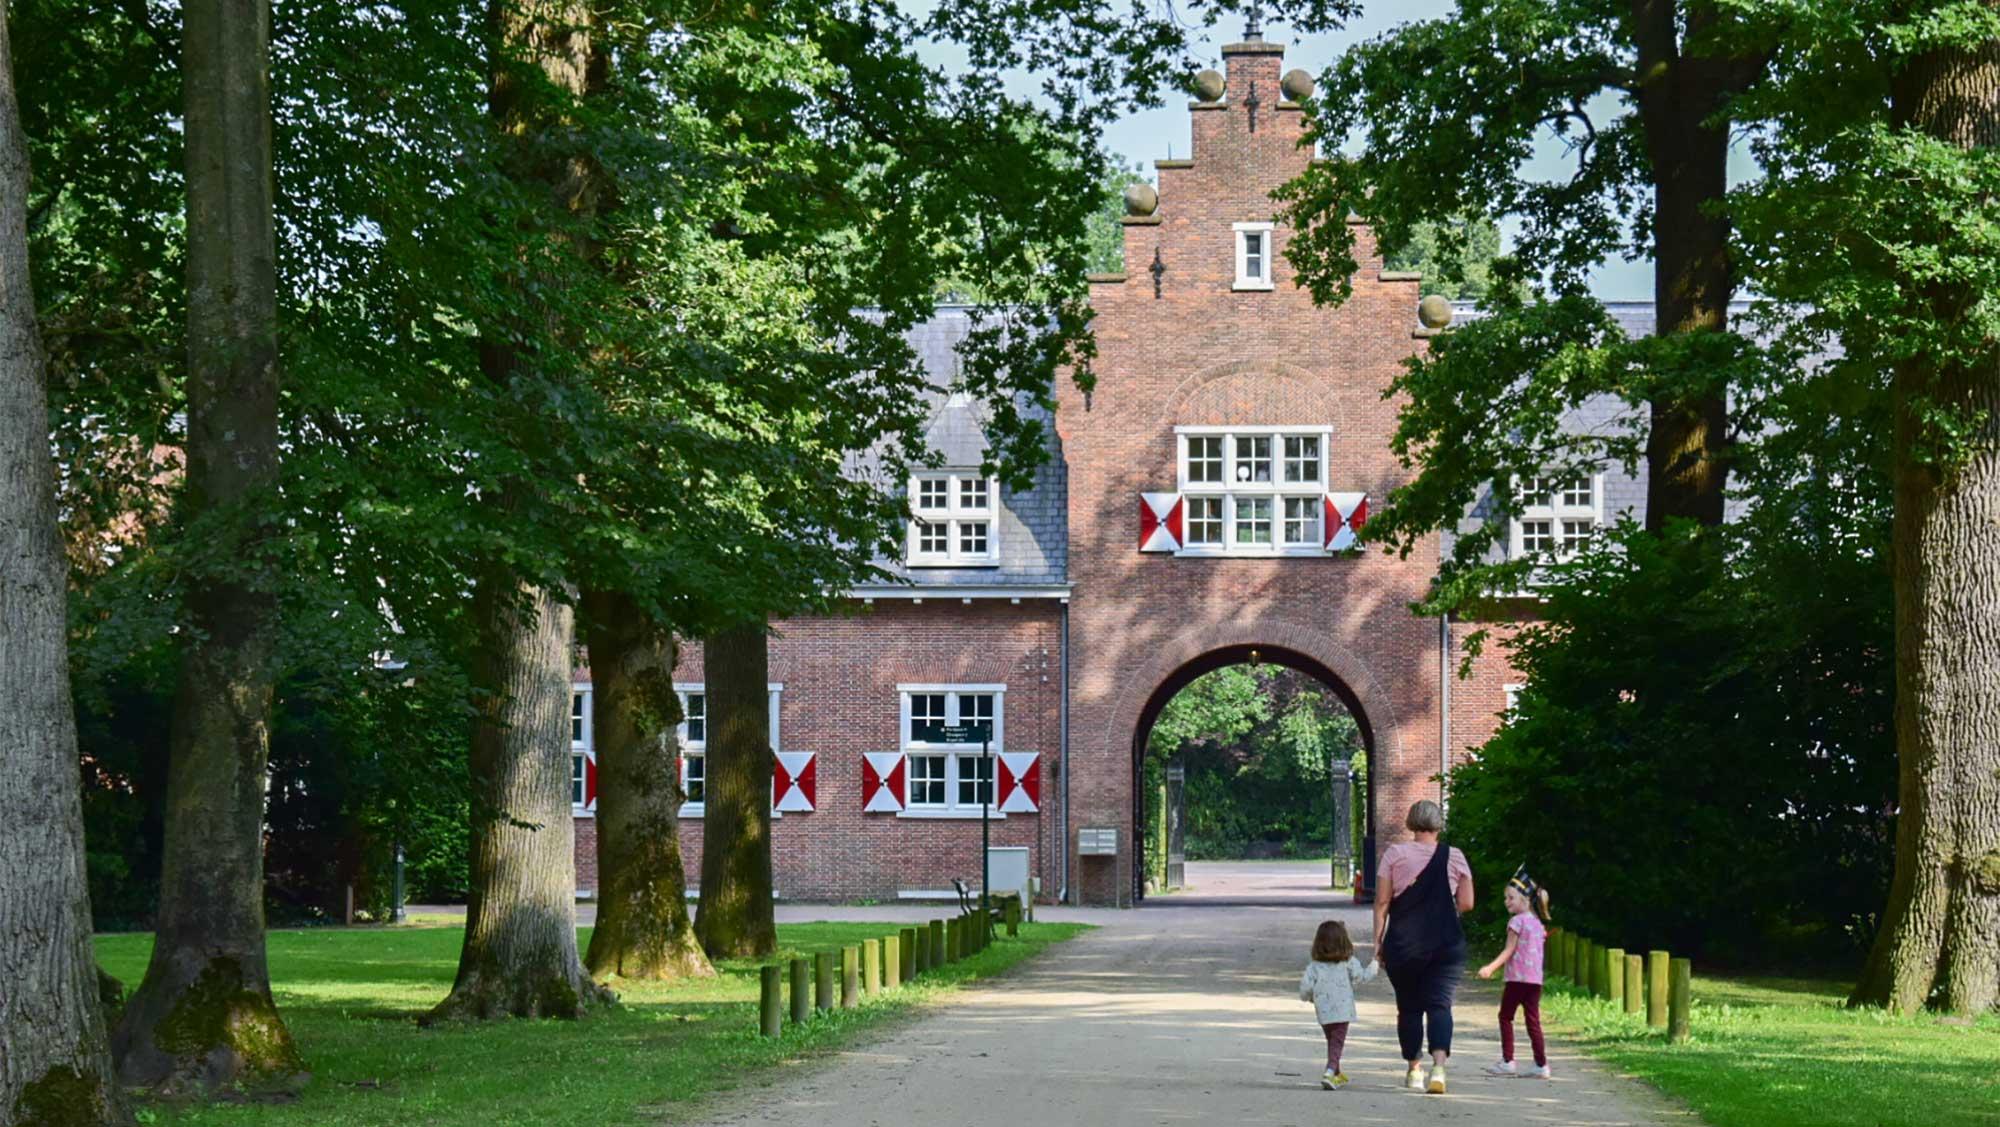 Omgeving Molecaten Park Landgoed Ginkelduin 13 kasteel